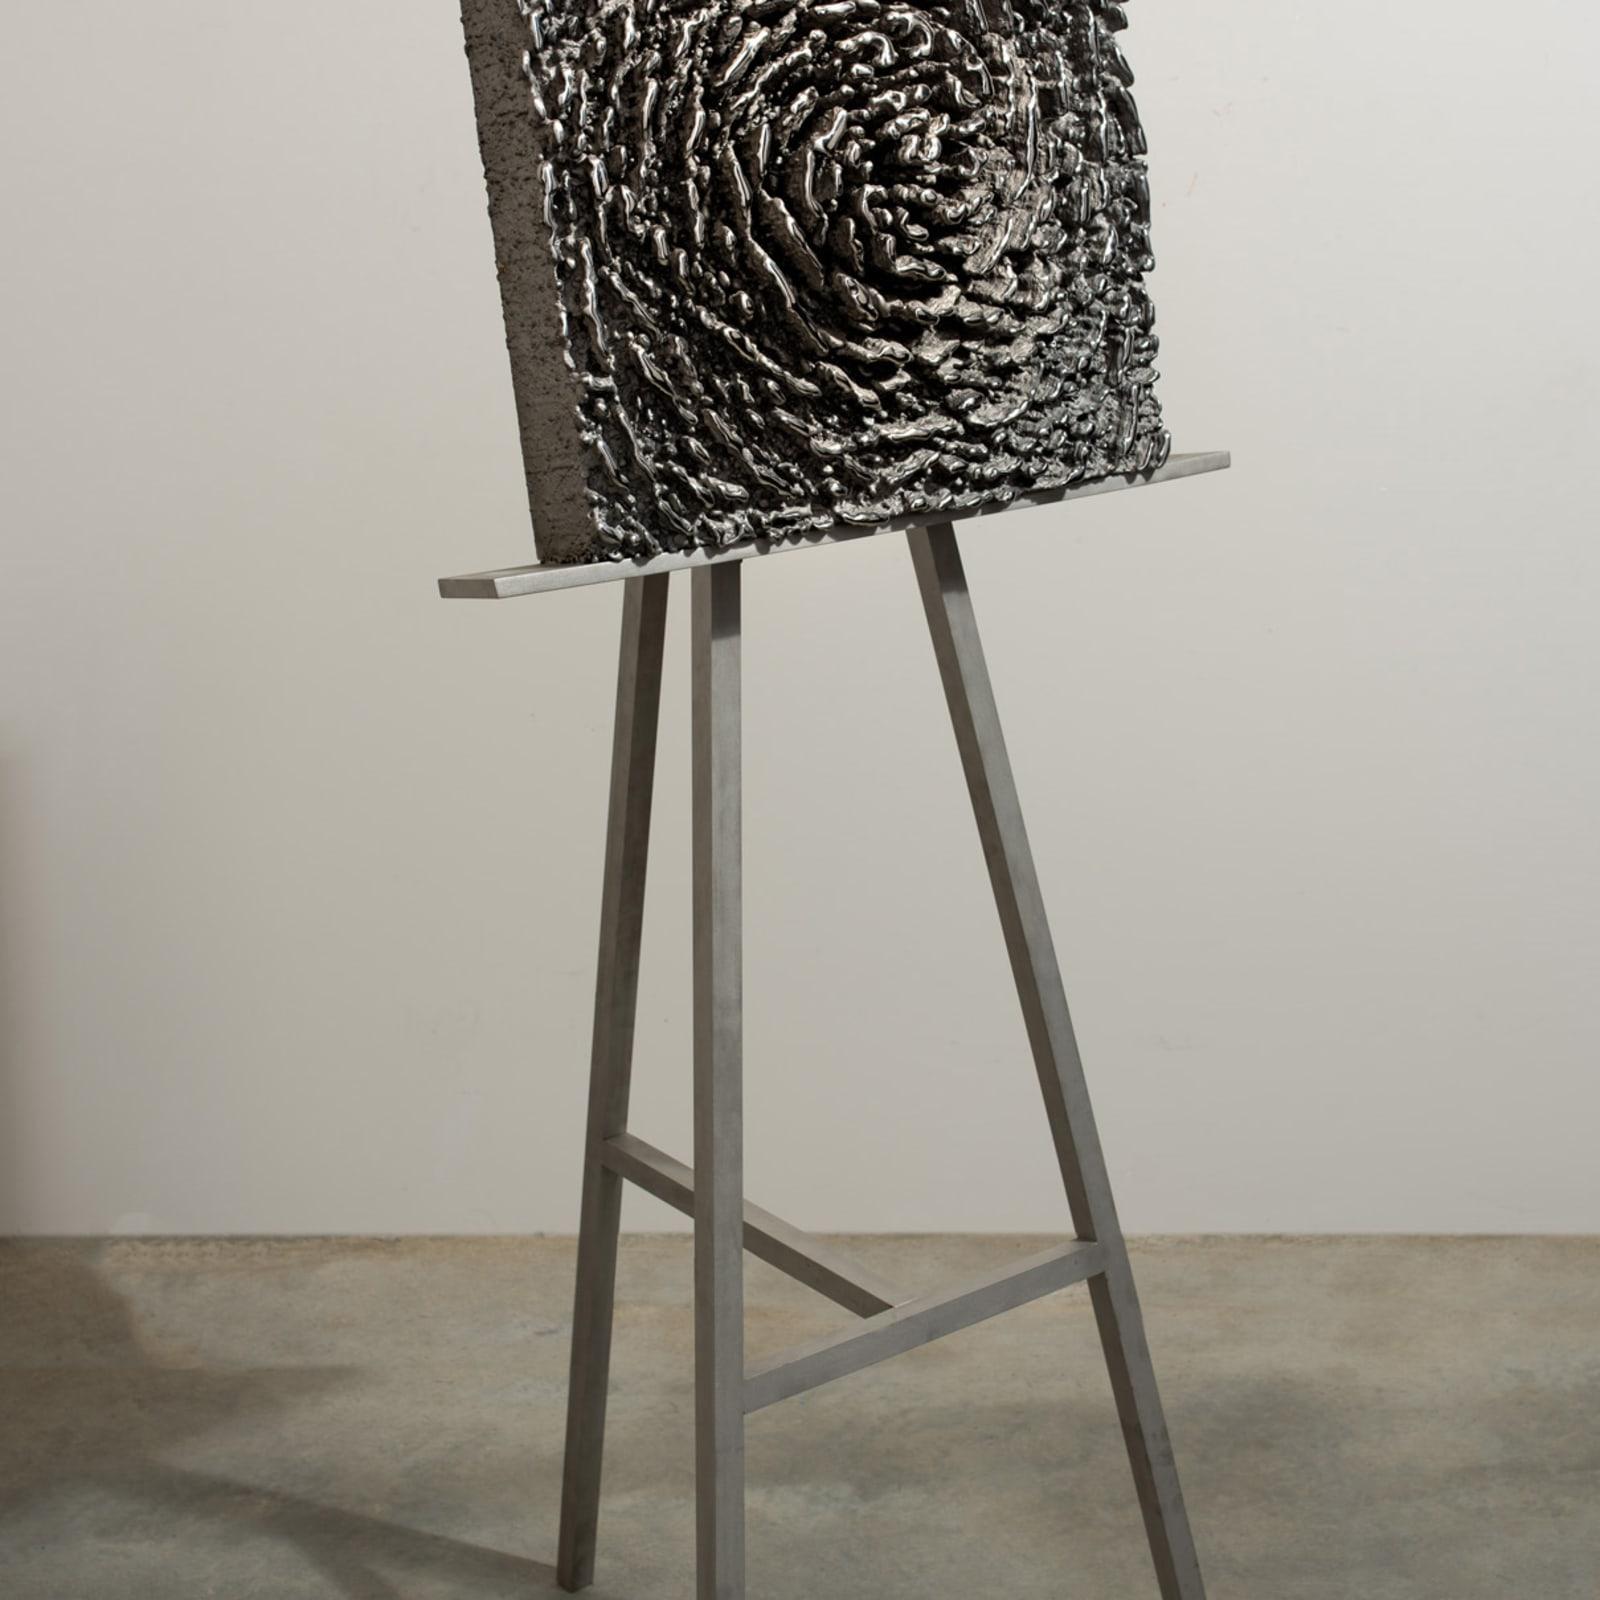 Martin Kline, Stainless Bloom on Easel, 1999